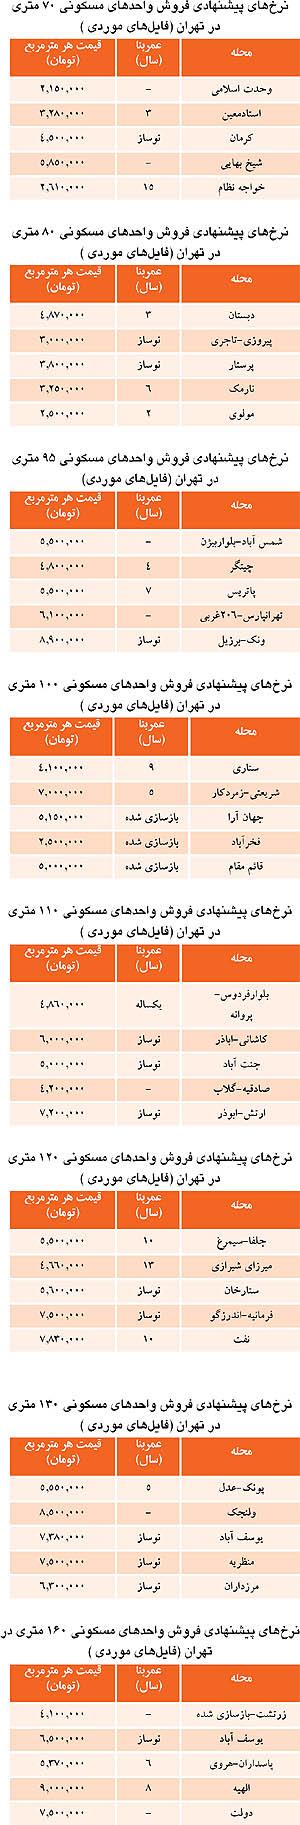 لیست واحدهای مسکونی فروشی در تهران